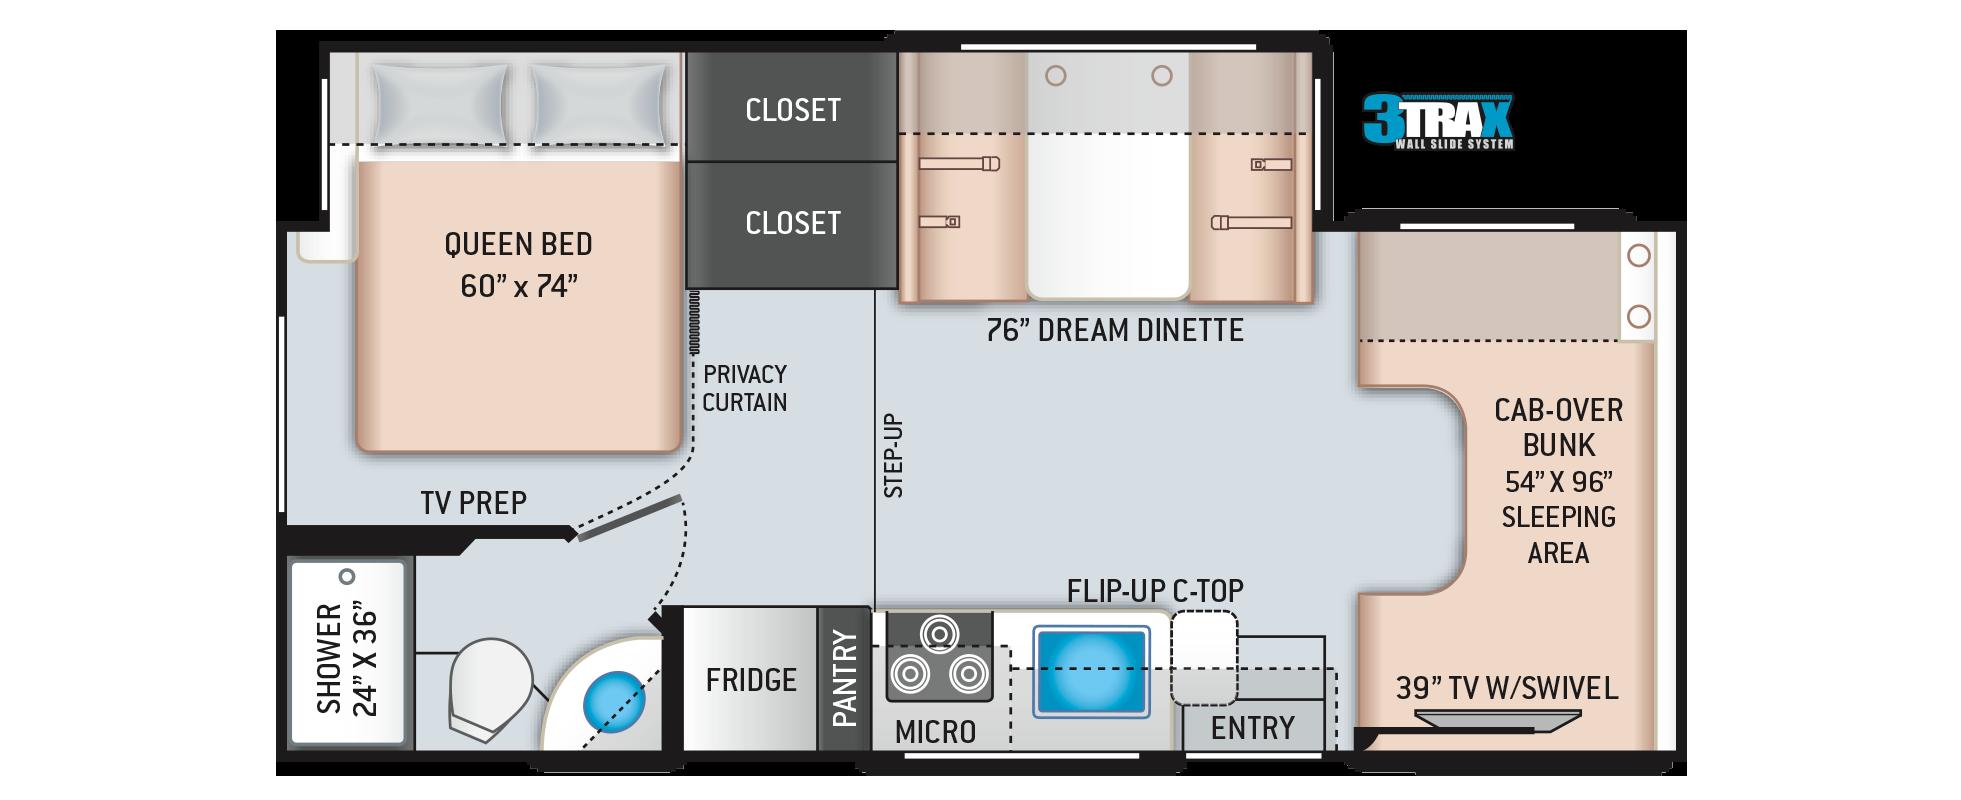 Freedom Elite Class C RV 24HE Floor Plan